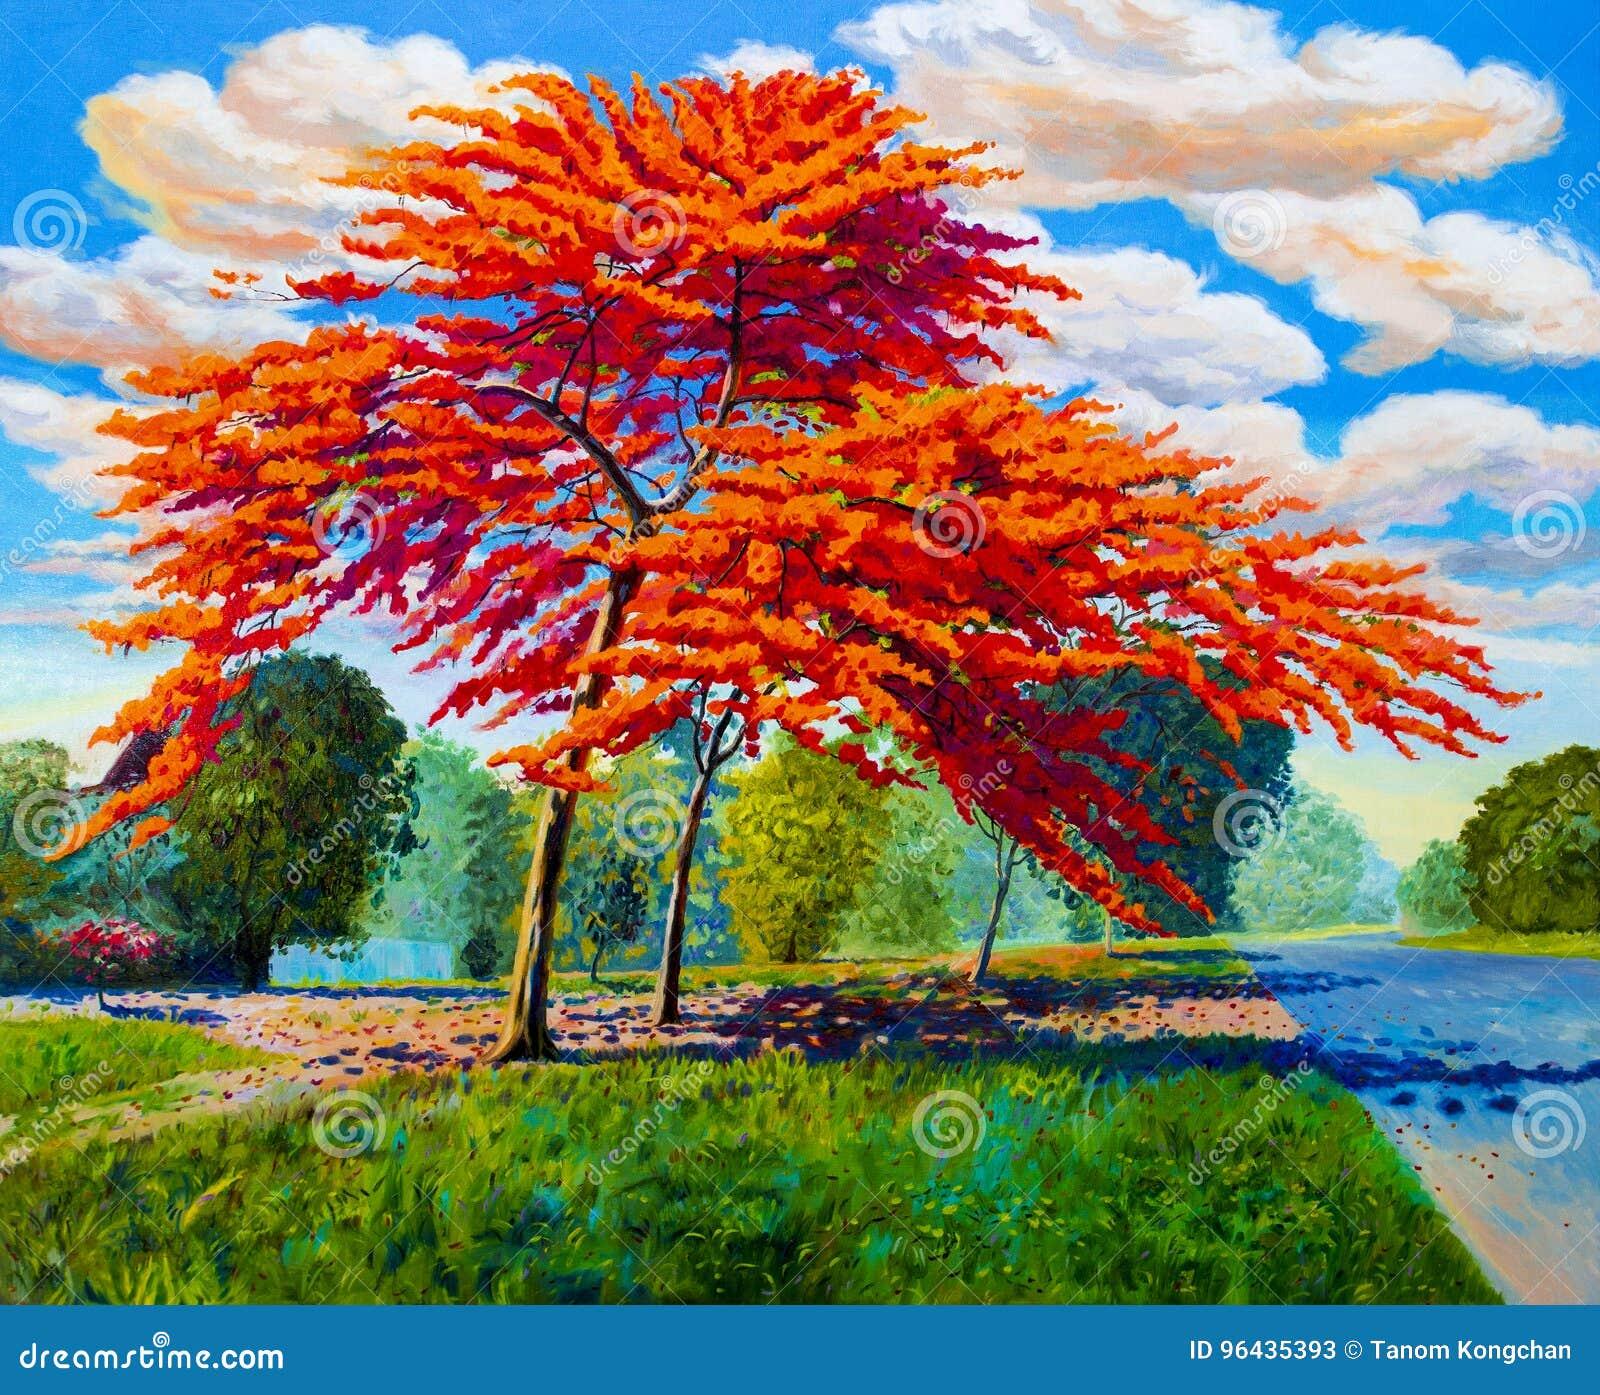 Obrazu olejnego krajobrazowy oryginalny czerwony pomarańczowy kolor paw